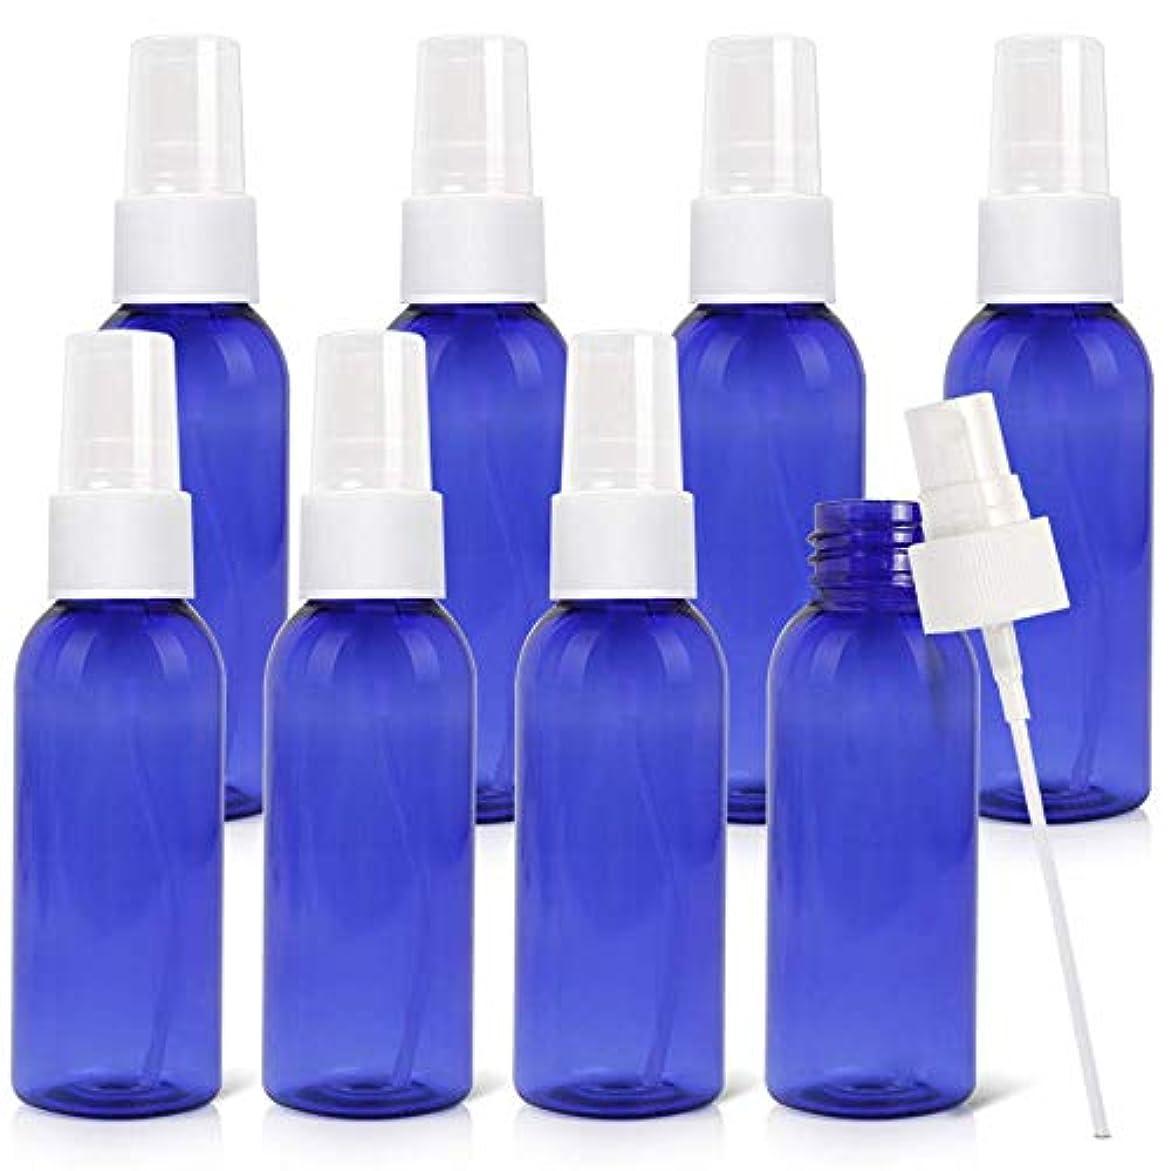 カバーチョーク煙スプレーボトル 50ml 8本 遮光スプレー 霧吹き 詰め替え容器 キャップ付 青色